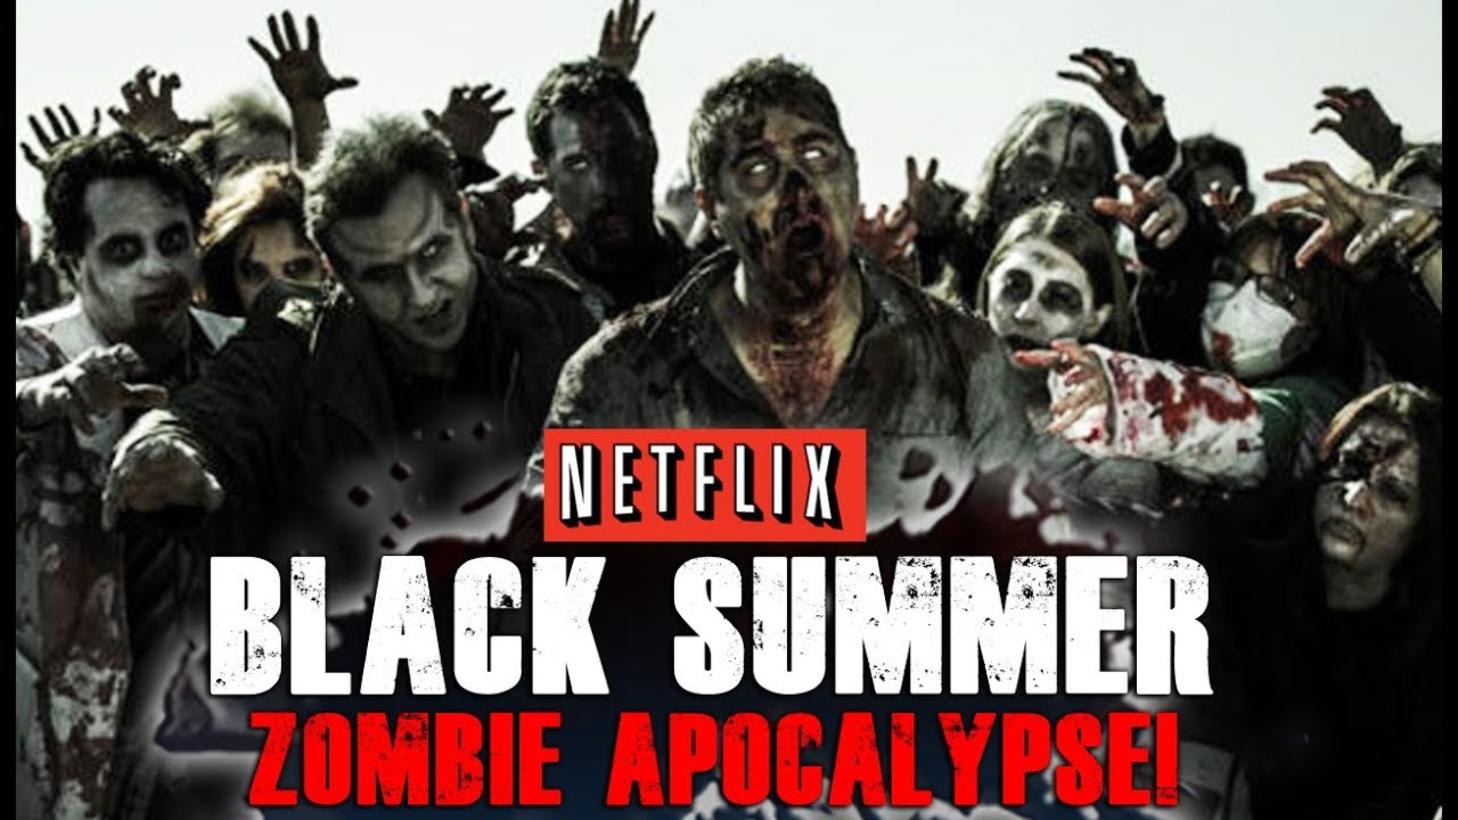 black summer netflix spin off z nation